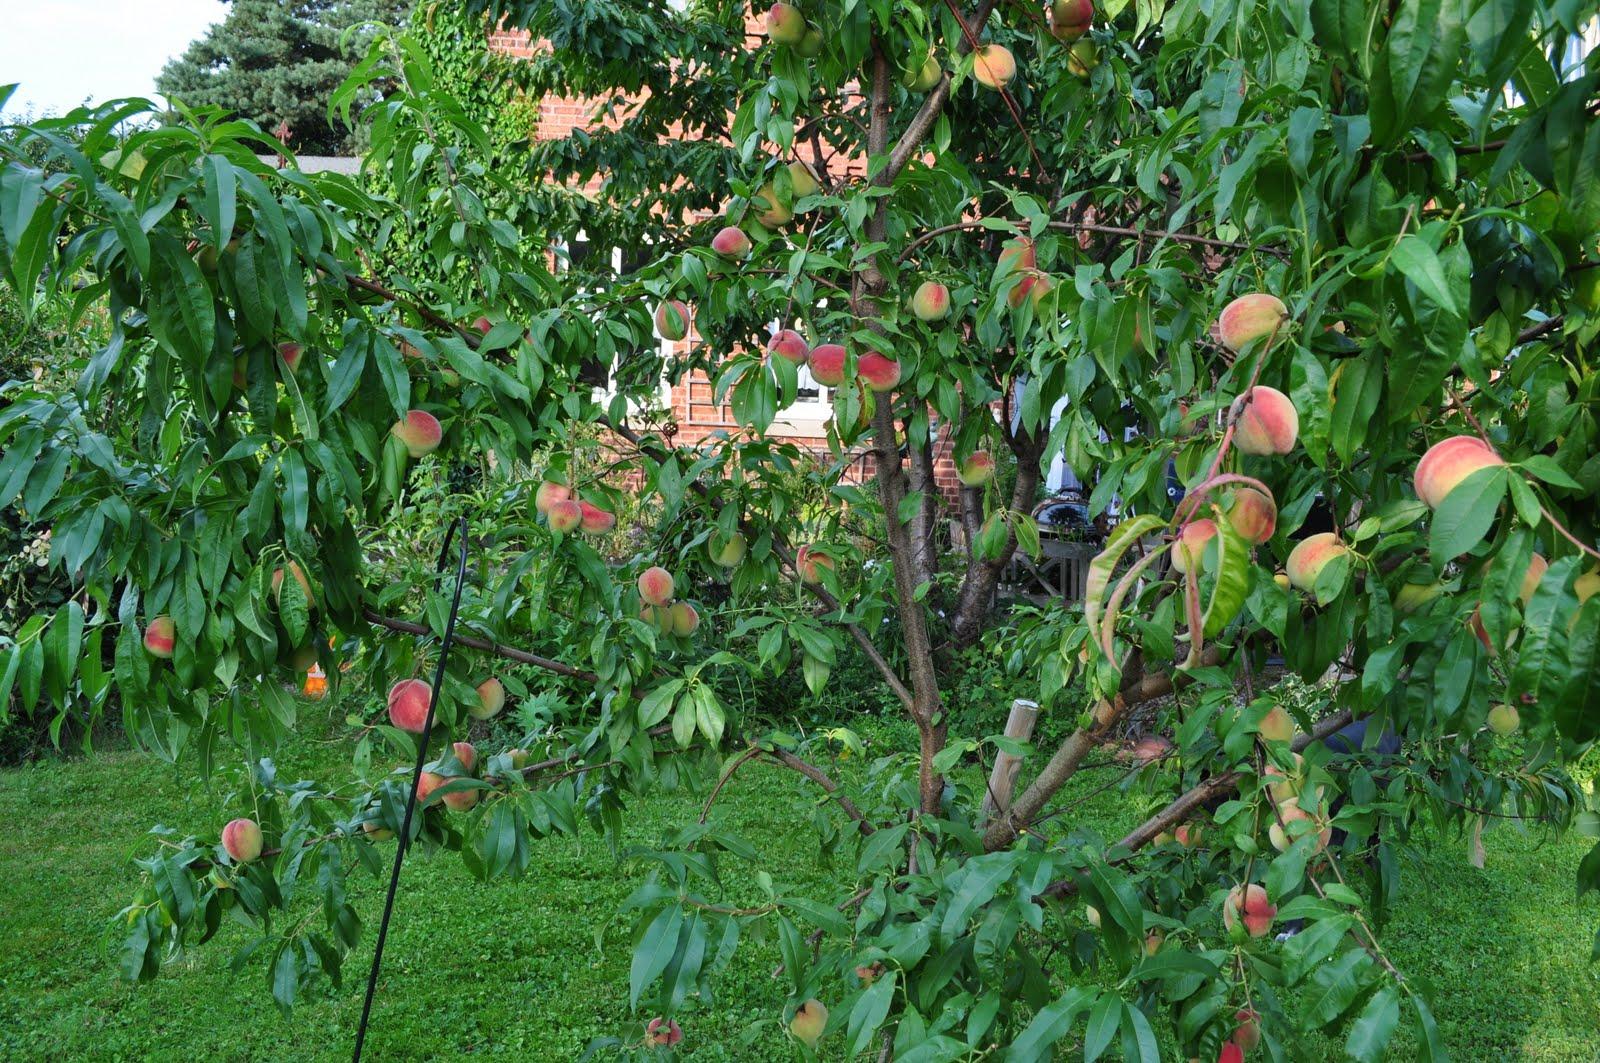 Von rosen und dornen unser pfirsichbaum - Pfirsichbaum im garten ...